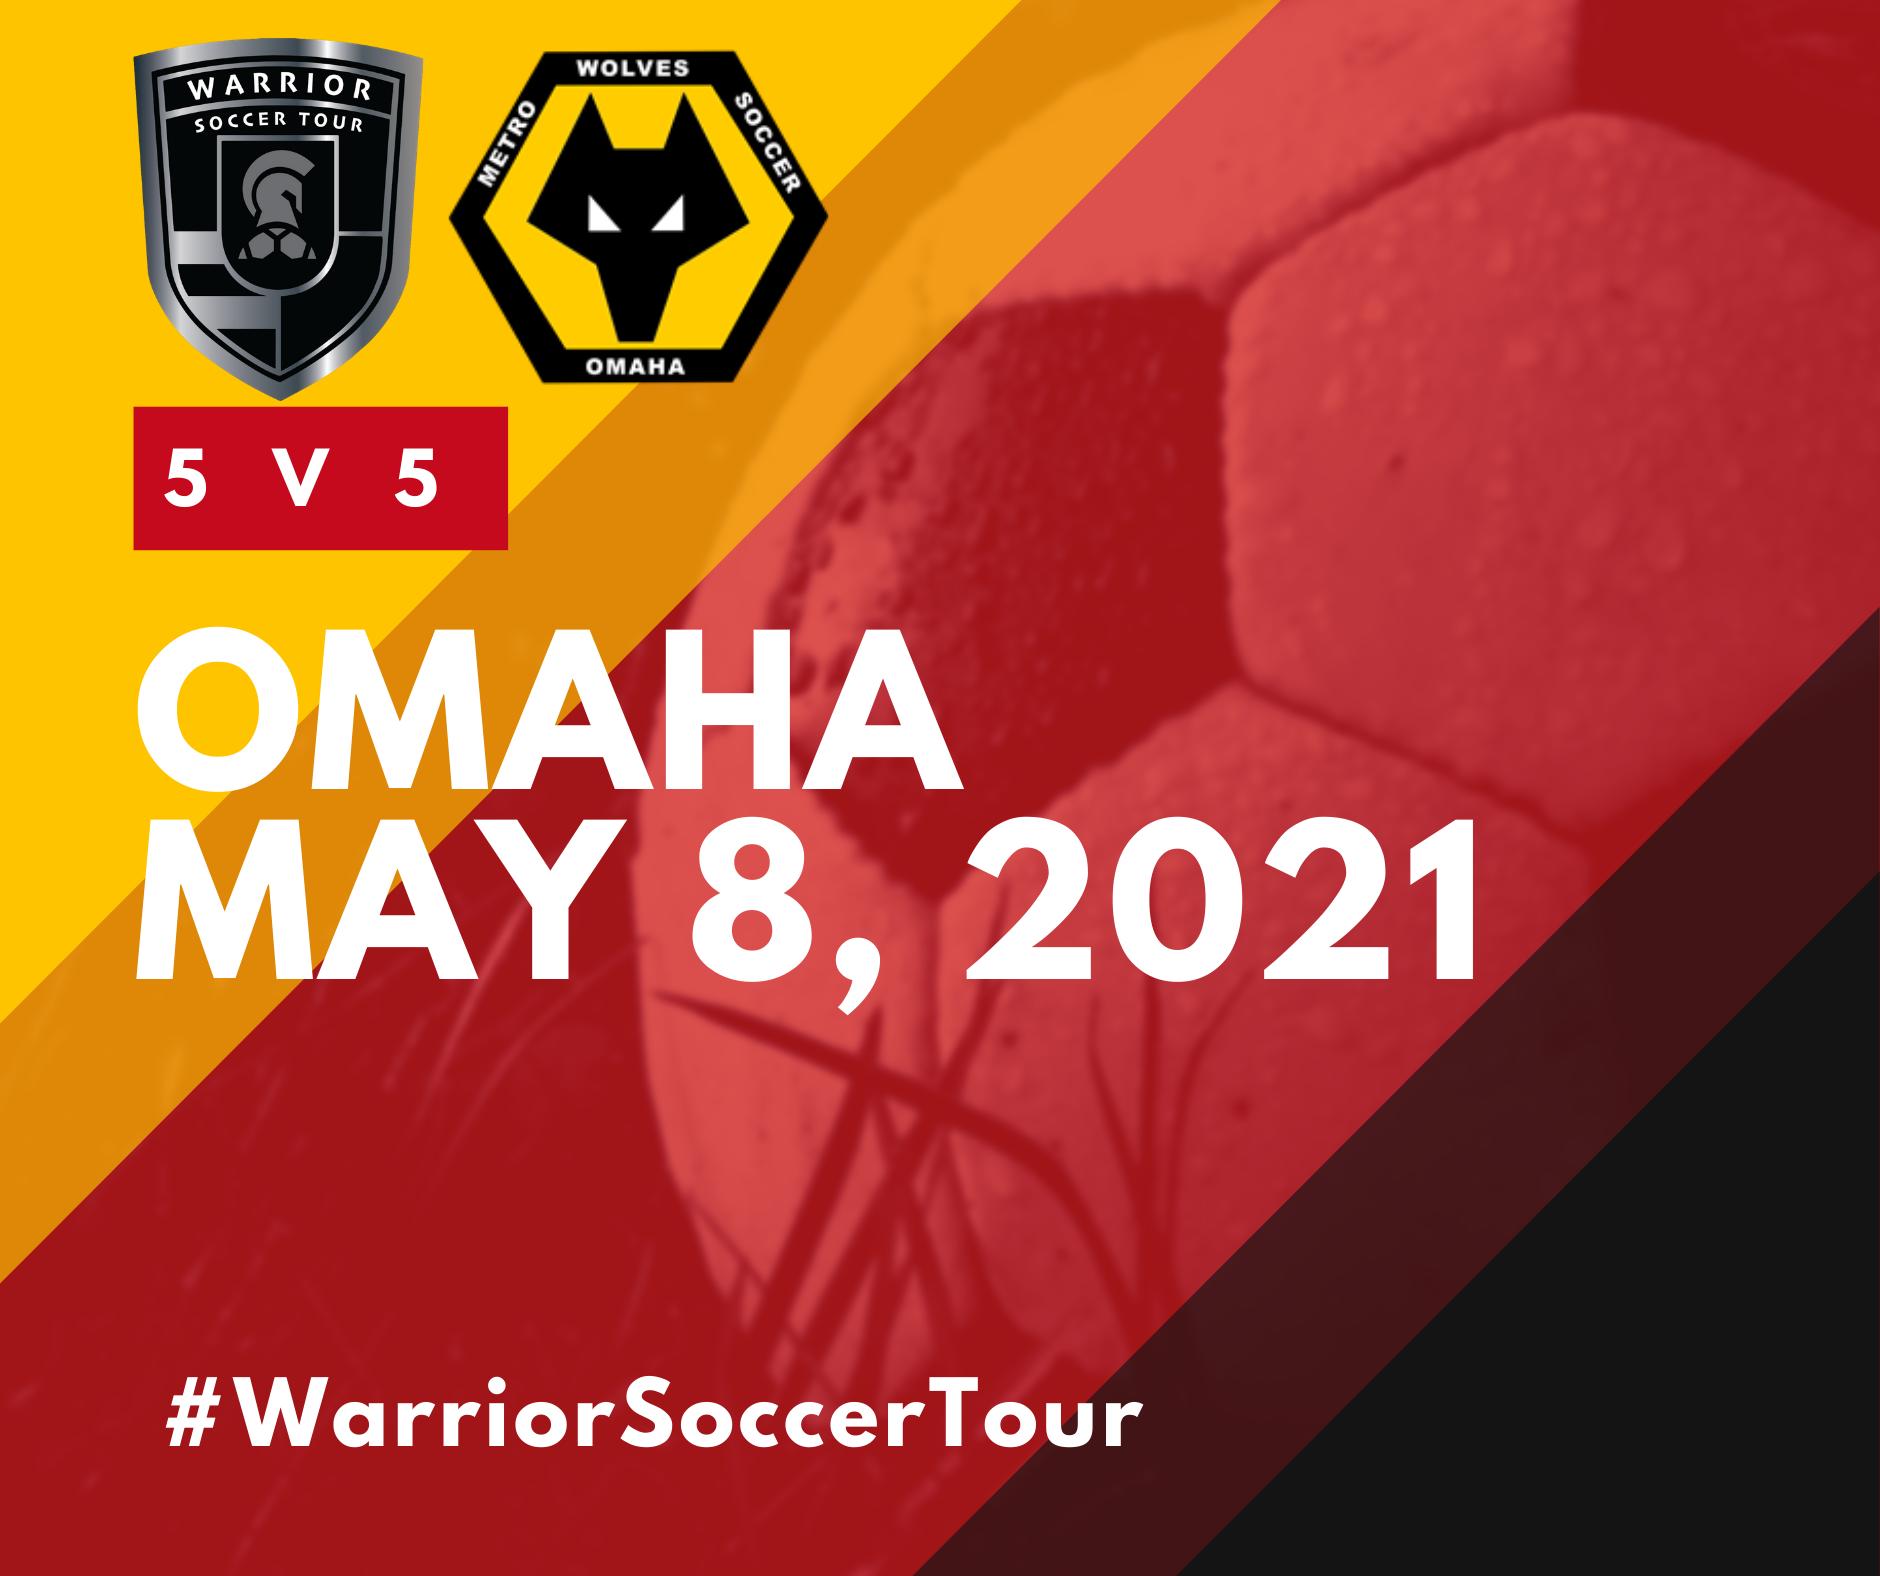 Wolves Hosting 5v5 Warrior Soccer Tournament